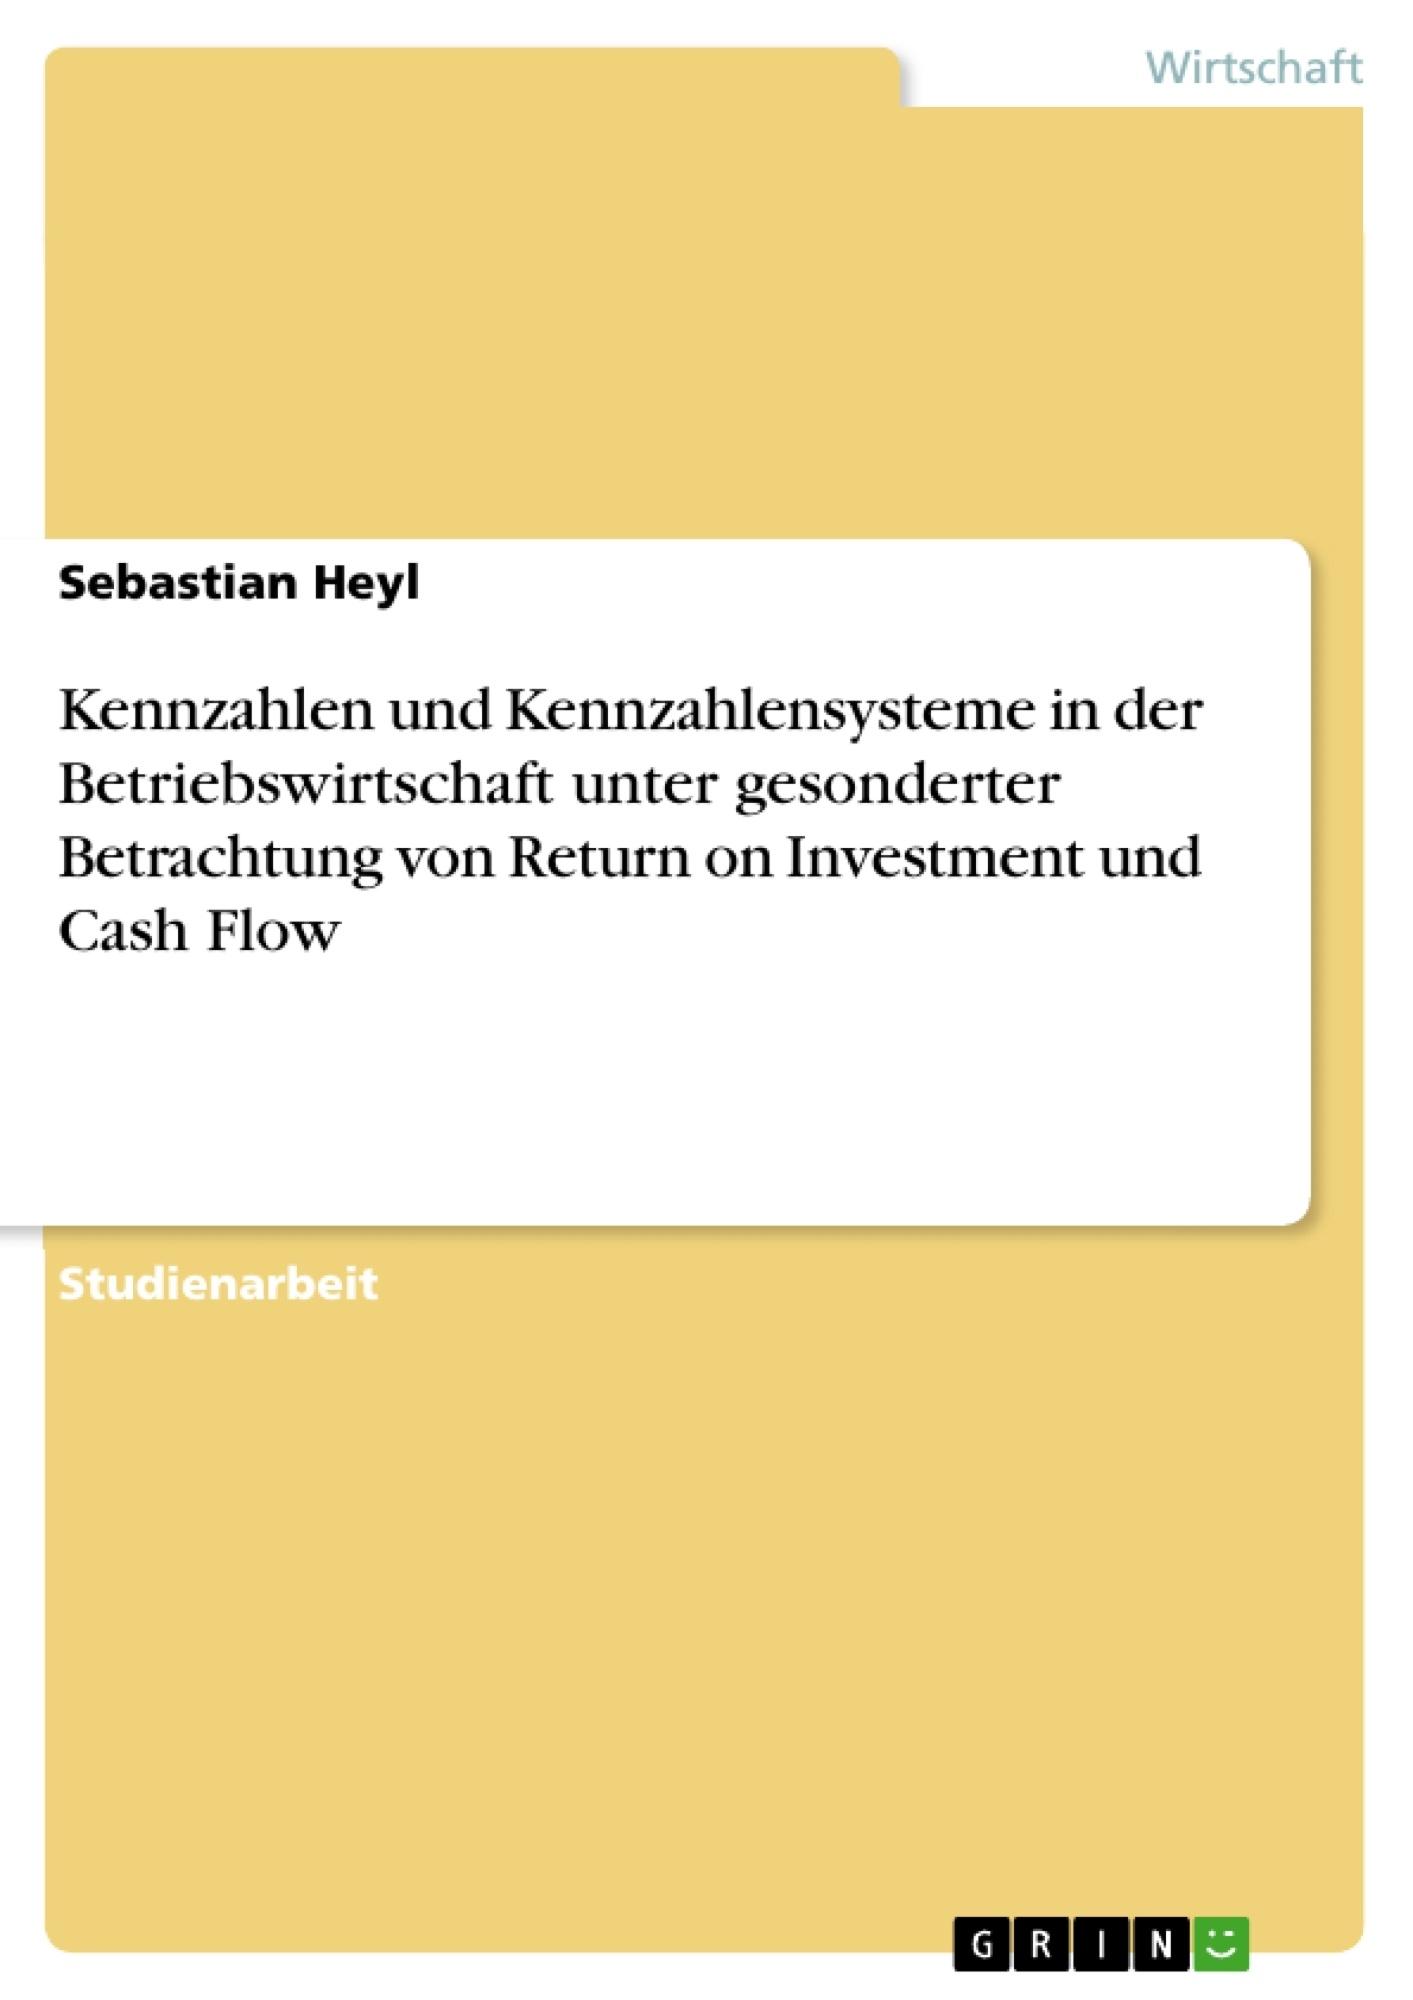 Titel: Kennzahlen und Kennzahlensysteme in der Betriebswirtschaft unter gesonderter Betrachtung von Return on Investment und Cash Flow